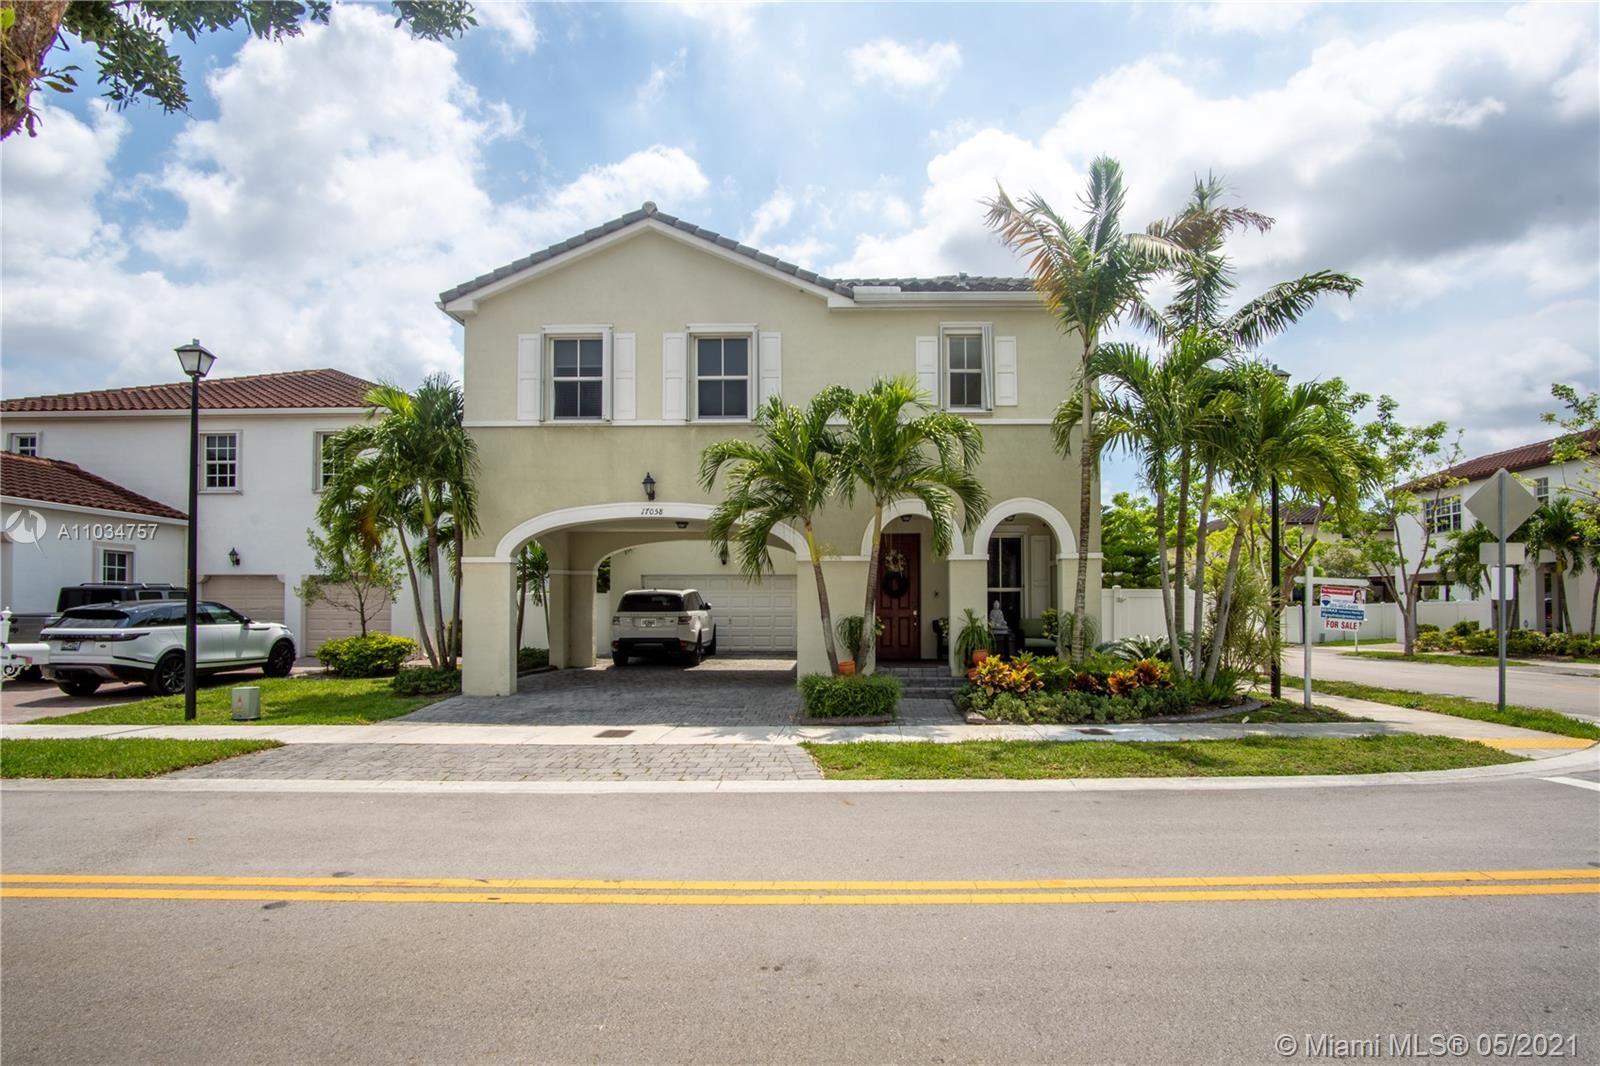 17058 SW 94th Ln, Miami, FL 33196 - #: A11034757